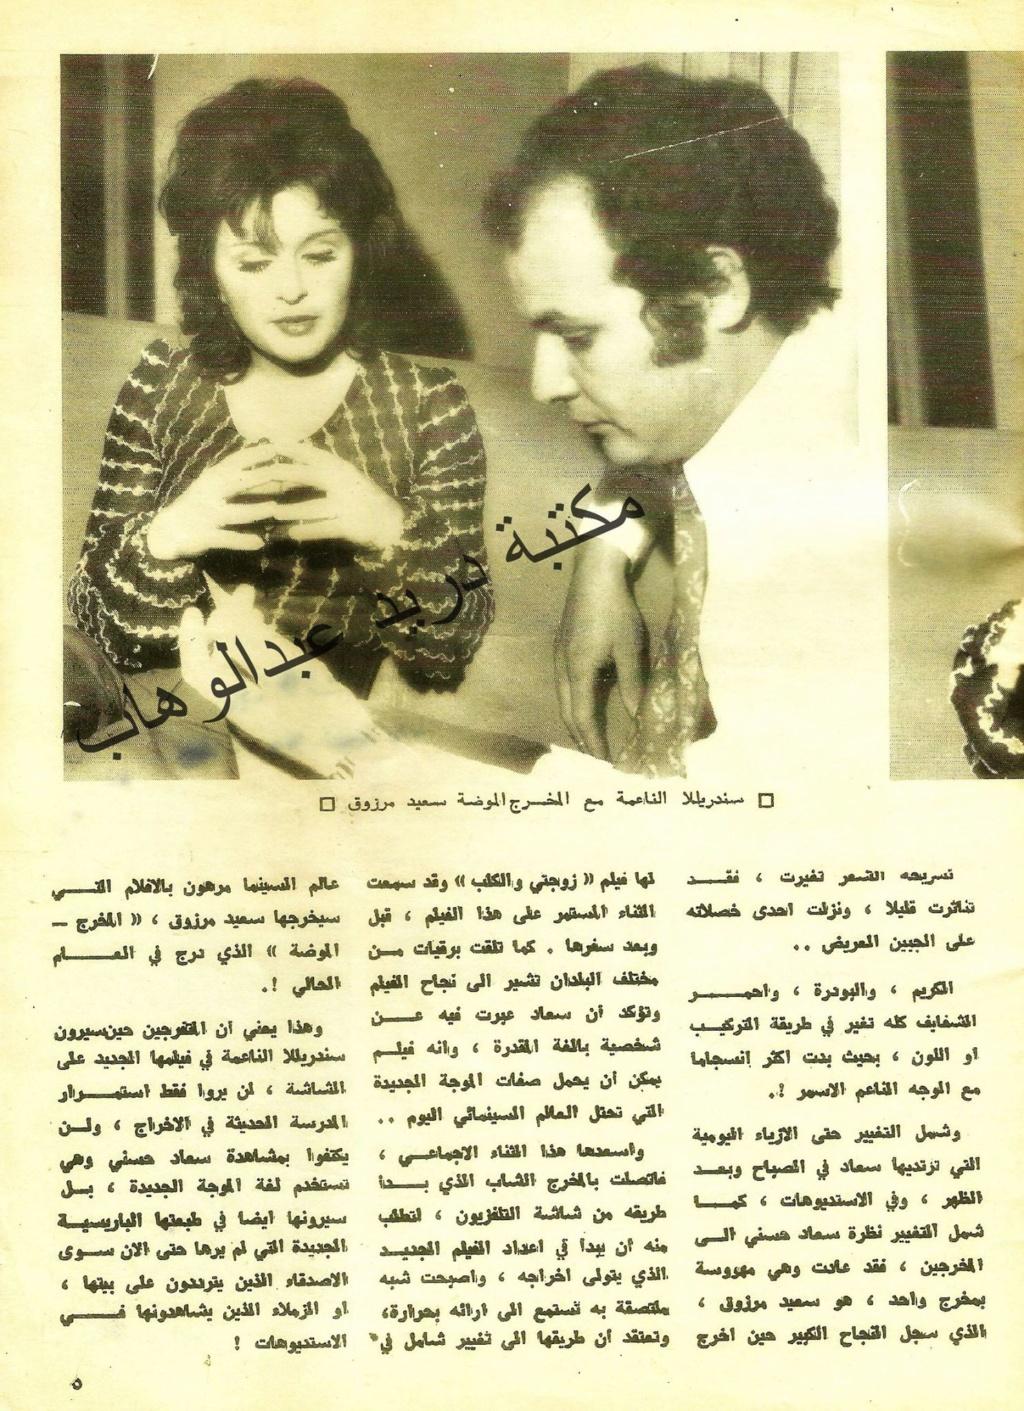 مقال - مقال صحفي : باريس صنعت آخر طبعة من سعاد حسني ! 1971 م 3130